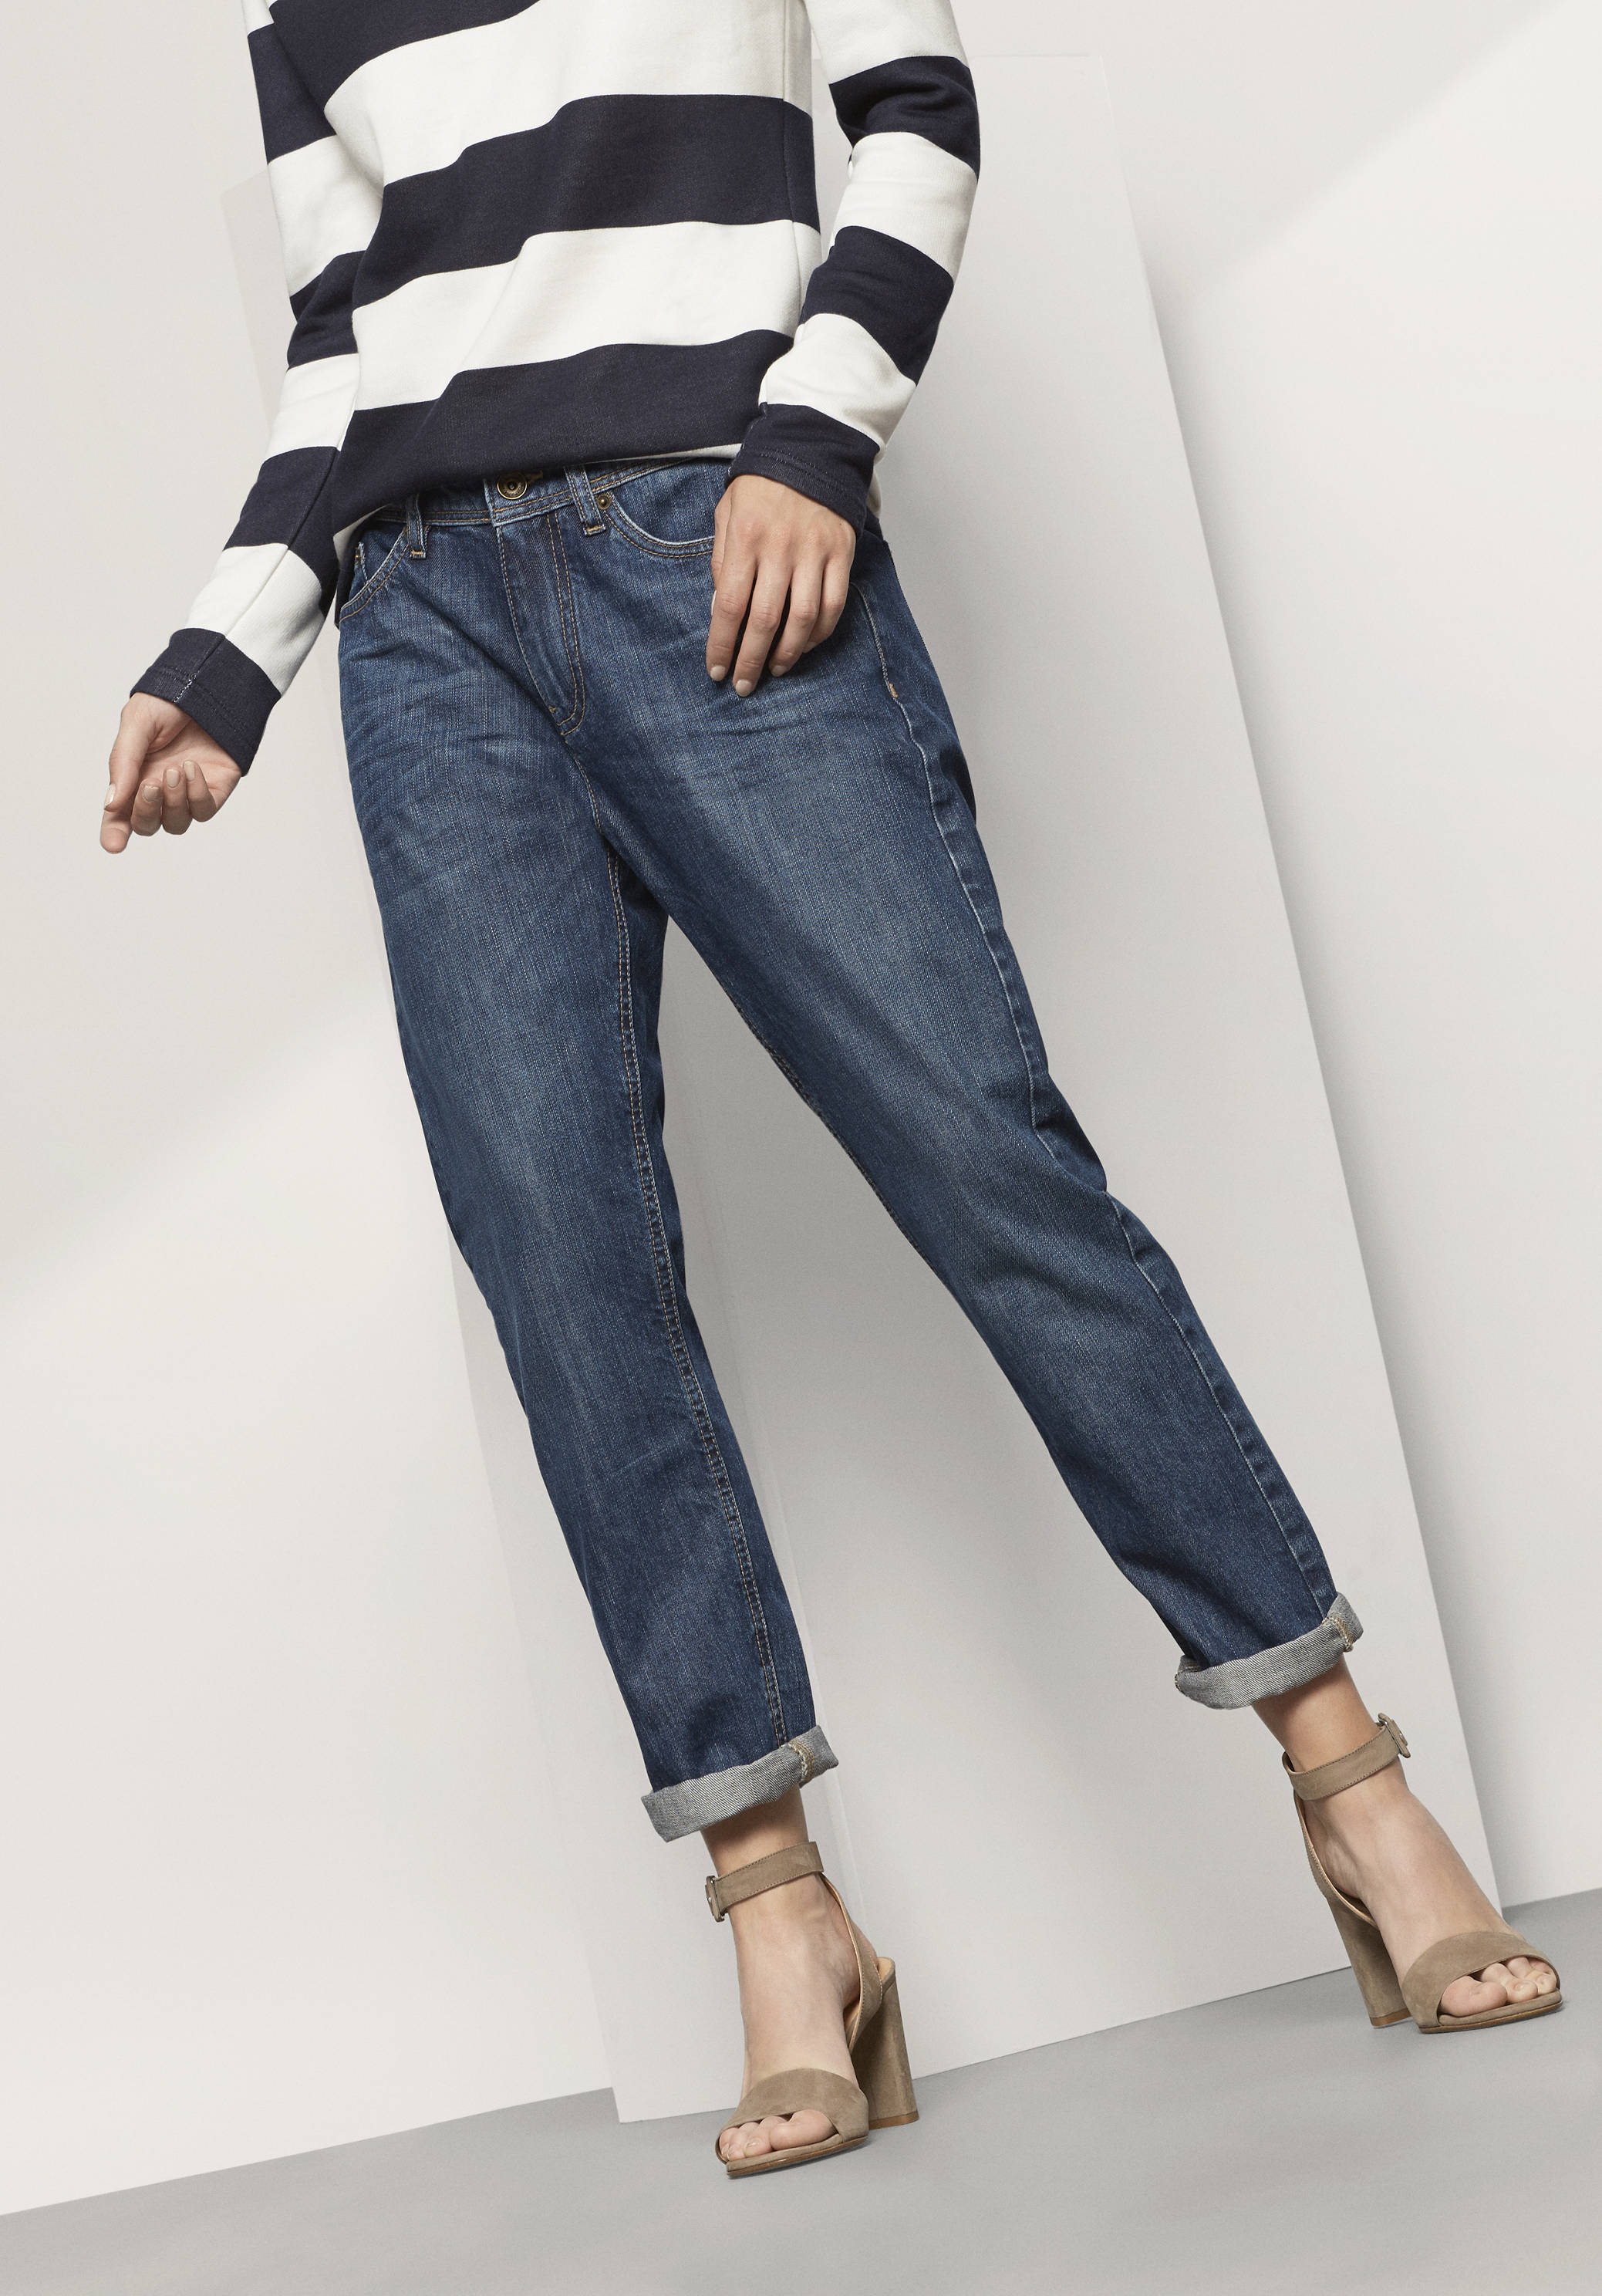 g nstige nachhaltige jeans f r damen und herren hessnatur deutschland. Black Bedroom Furniture Sets. Home Design Ideas